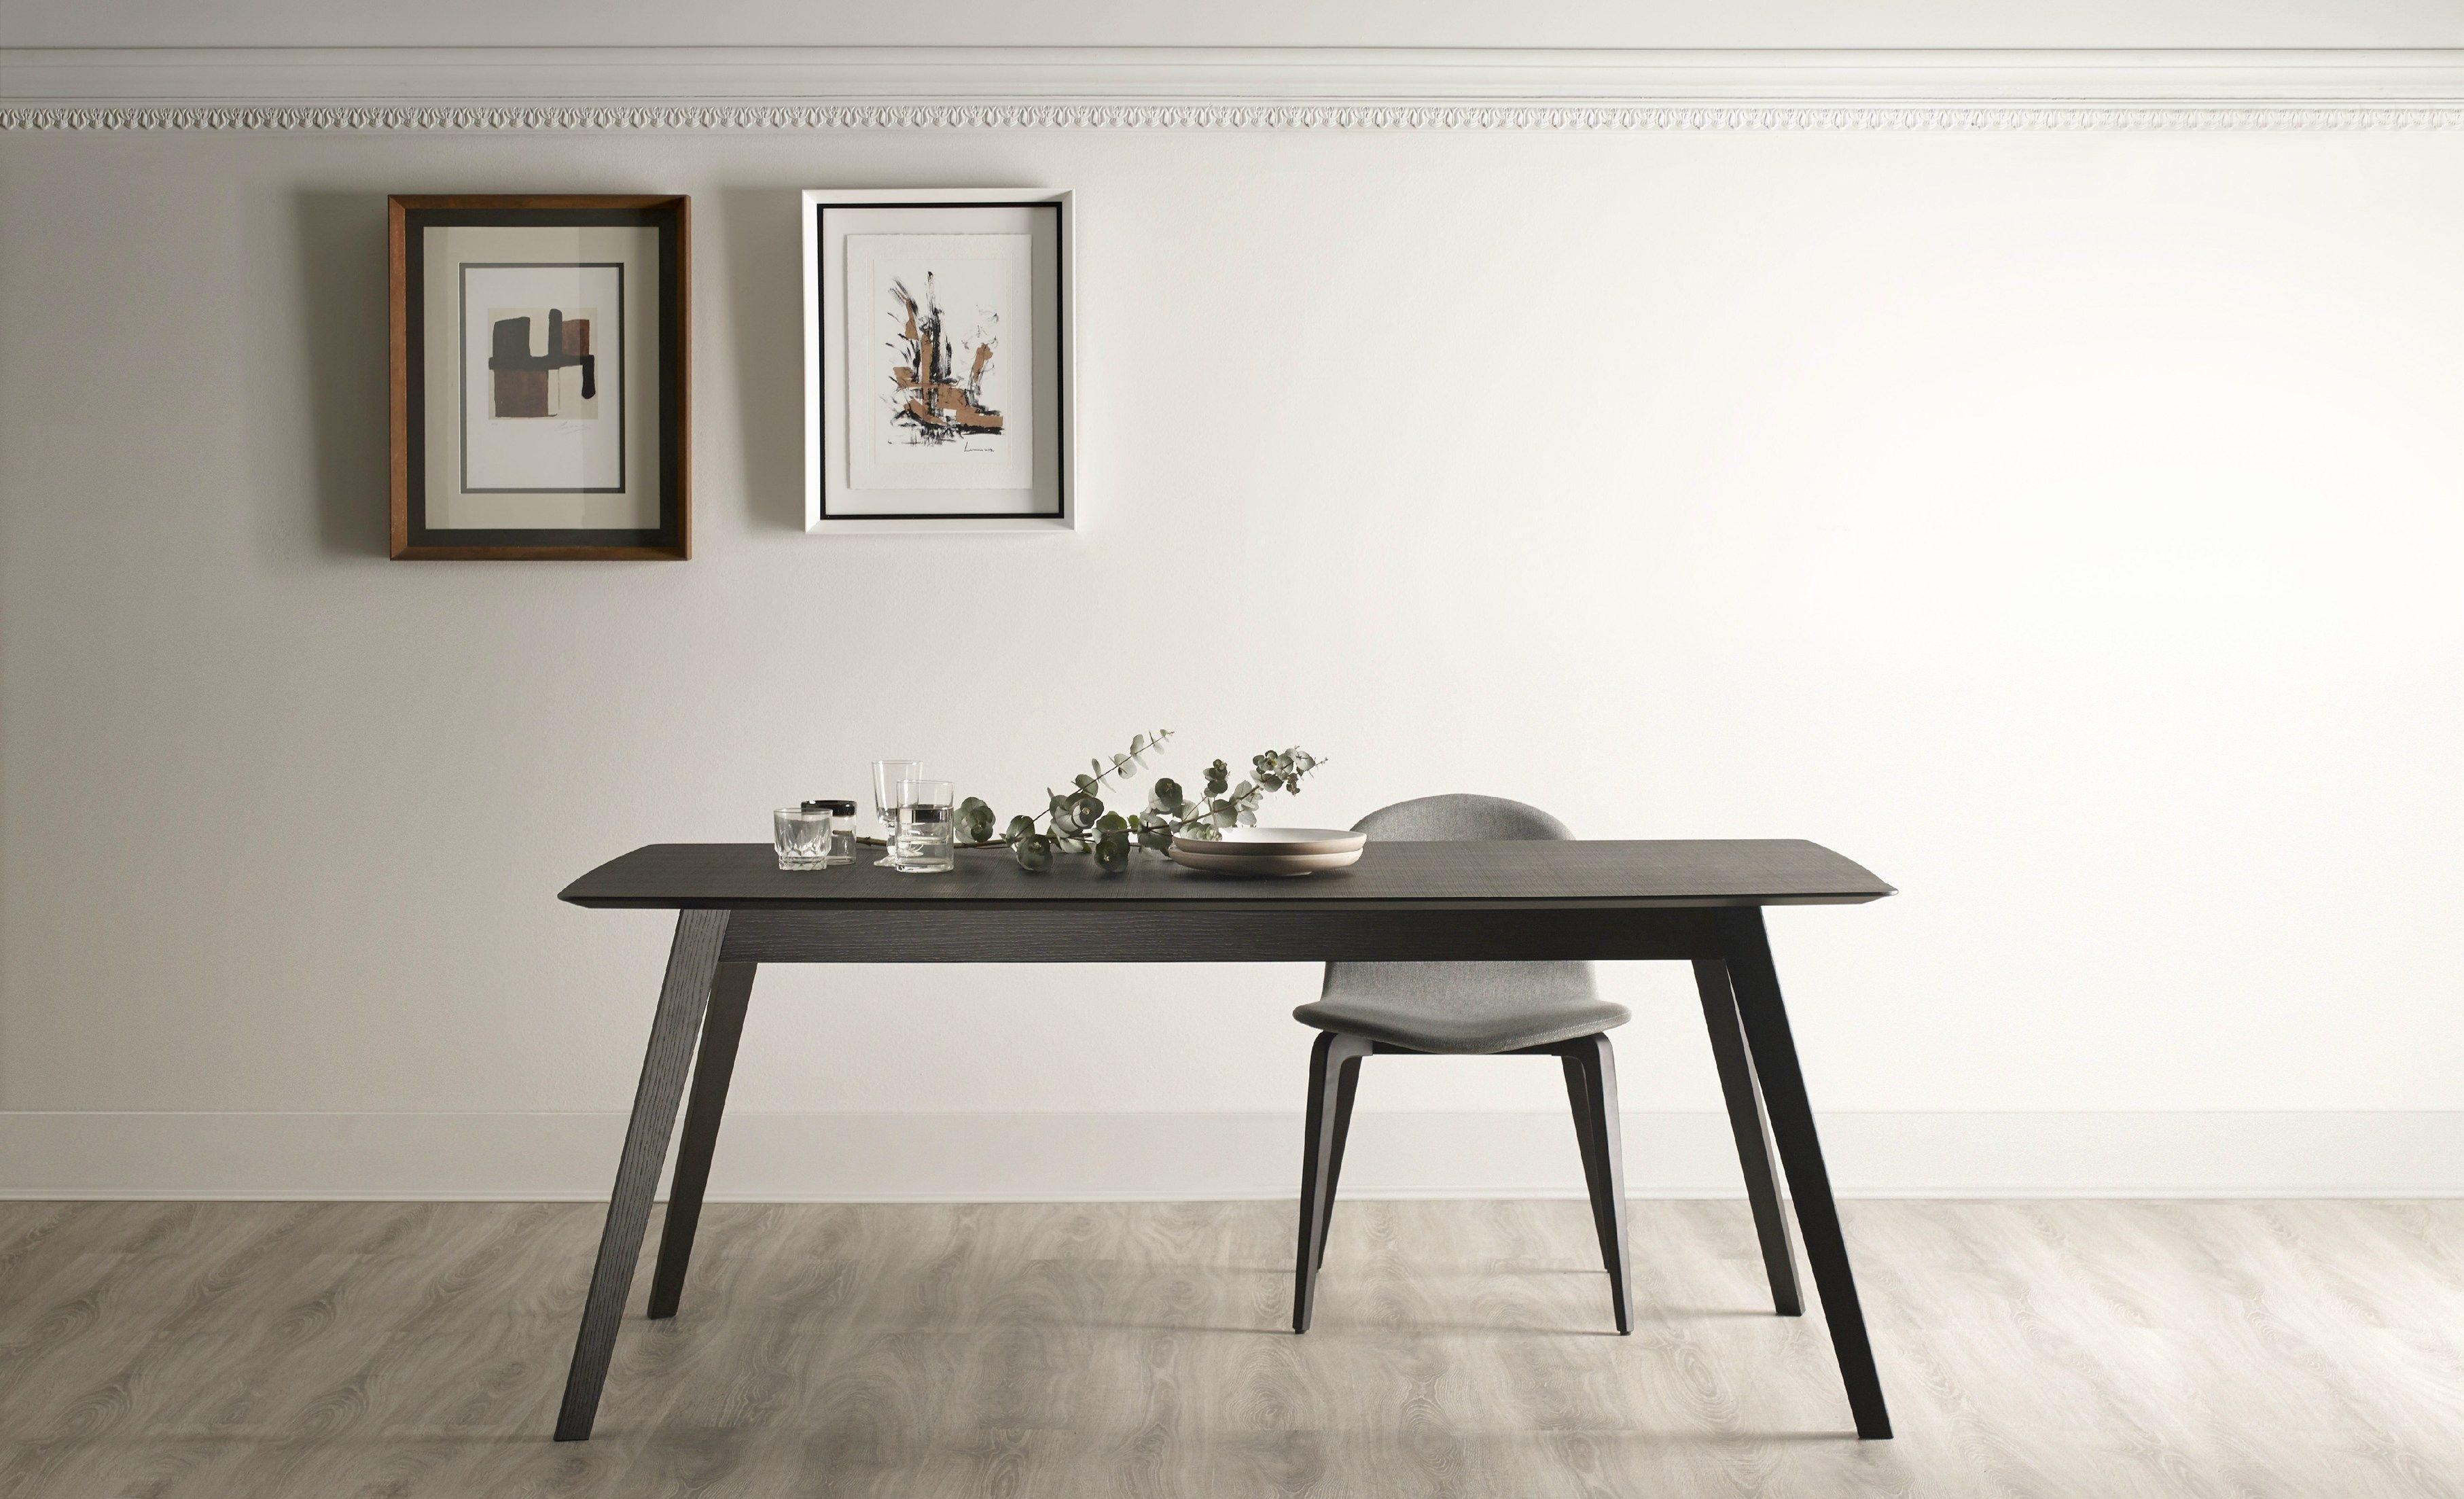 AISE Ausziehbarer Tisch By TREKU Design Ibon Arrizabalaga